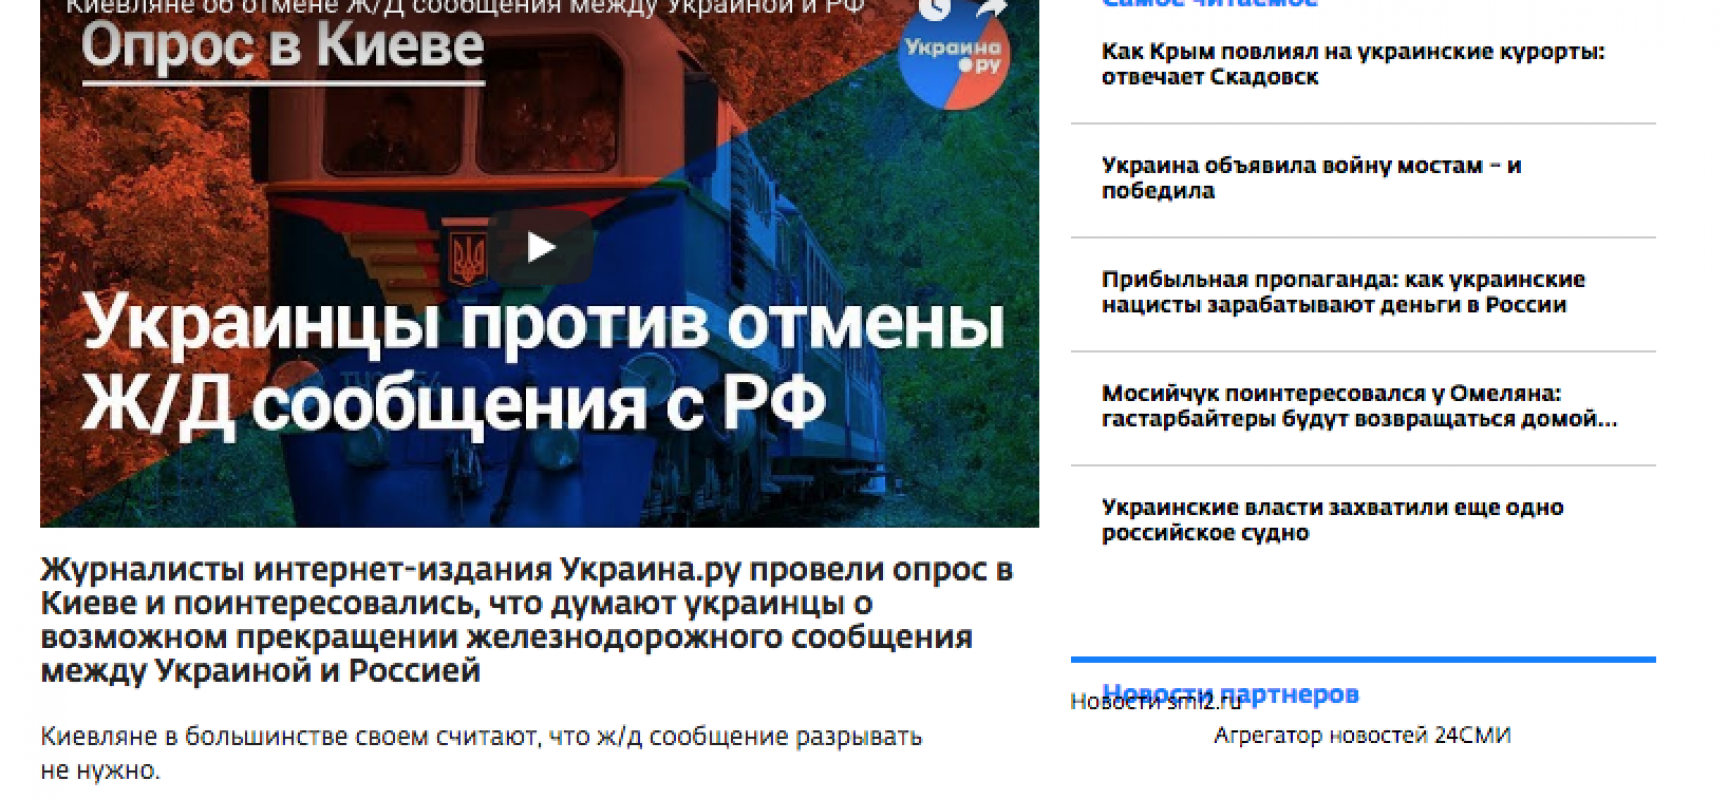 Fake: Gli ucraini hanno cambiato idea sull'interruzione dei collegamenti ferroviari con la Russia